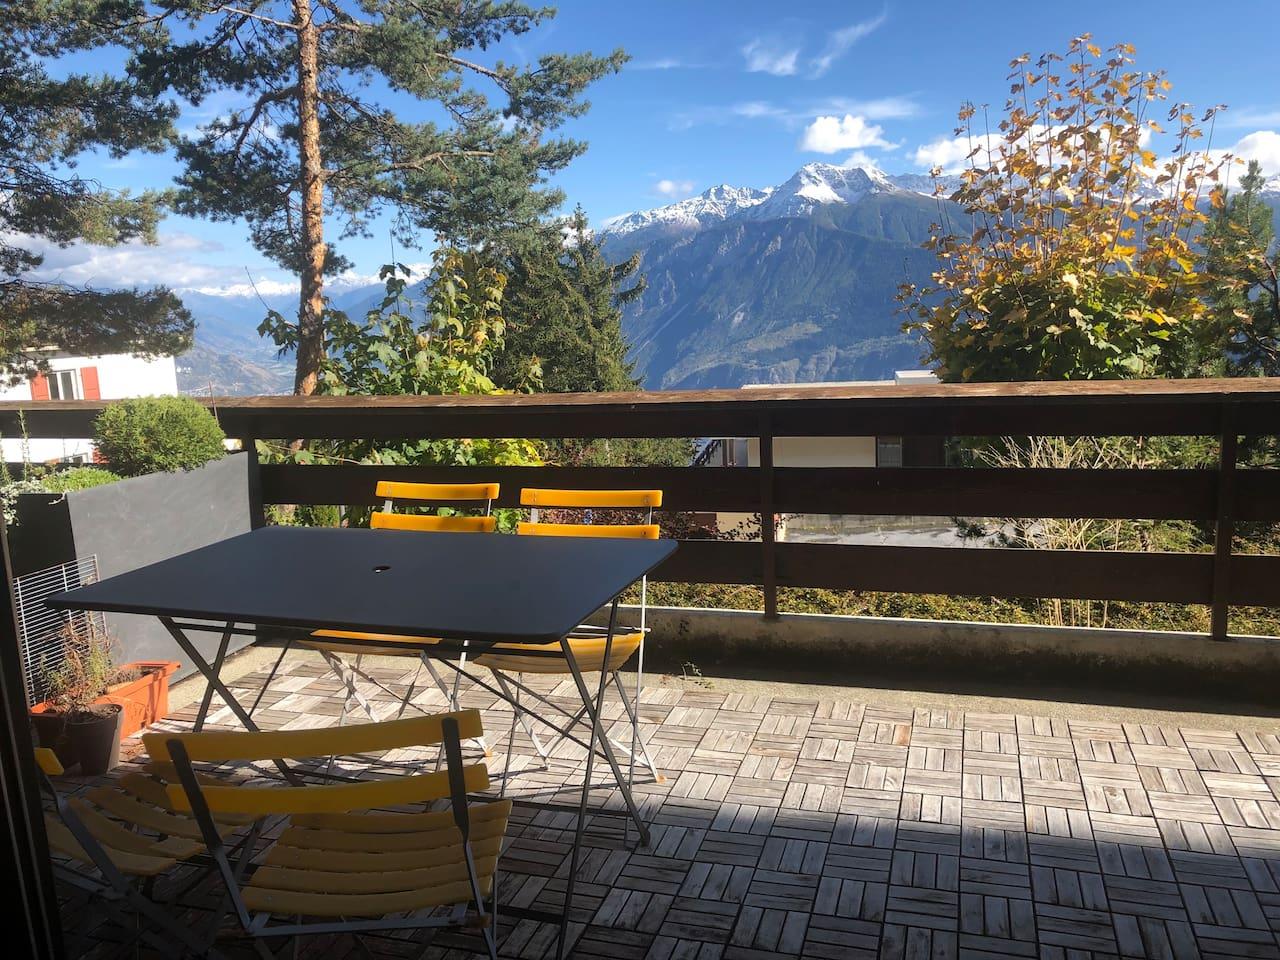 Dal terrazzo si gode una splendida vista. D'estate e nelle belle giornate invernali si po' godere del sole e delle vista anche pranzando sul grande terrazzo